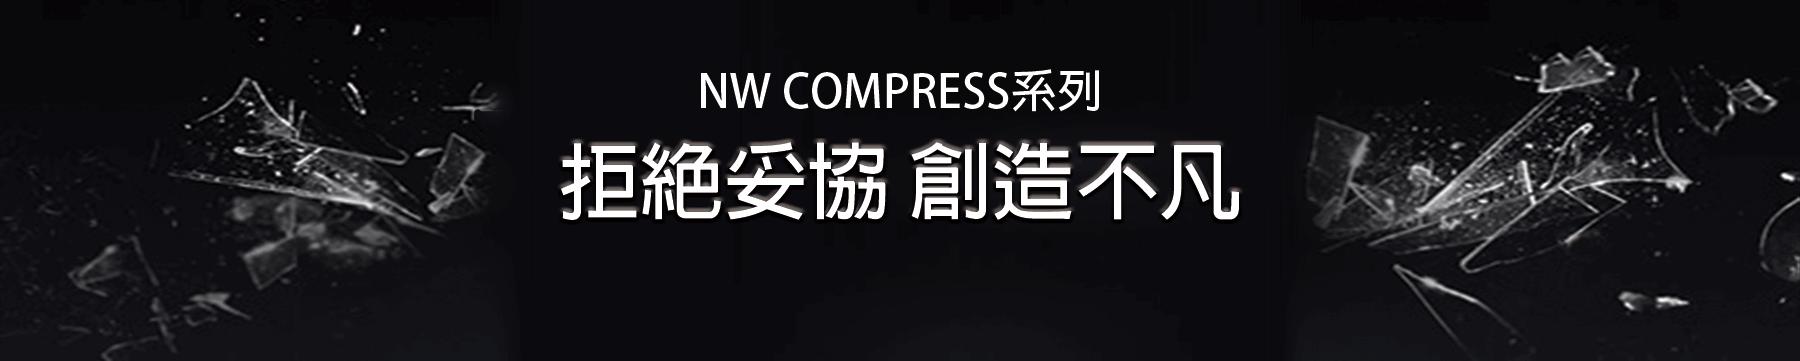 compress run socks banner